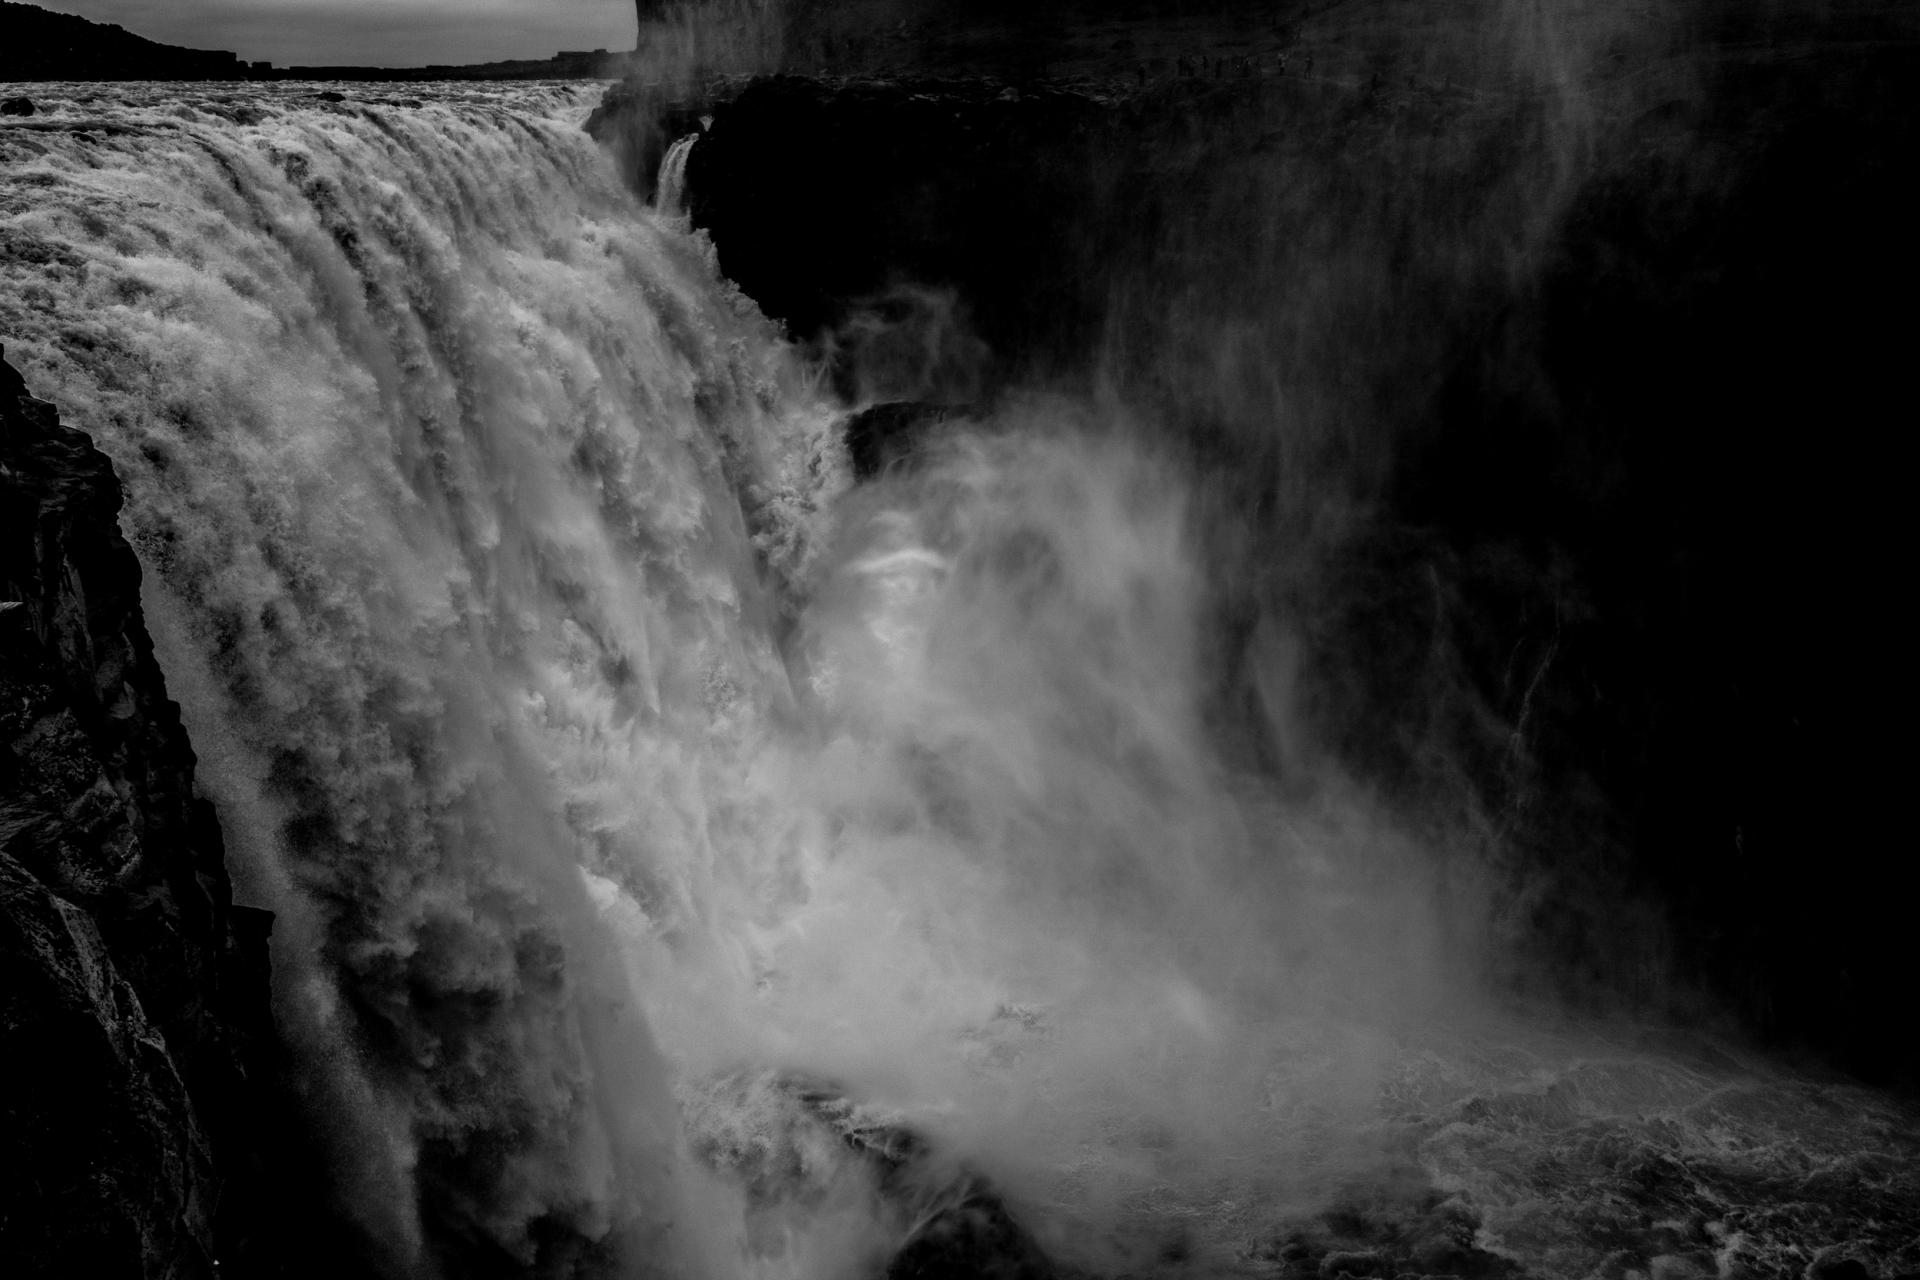 Nuovi sguardi: Acqua